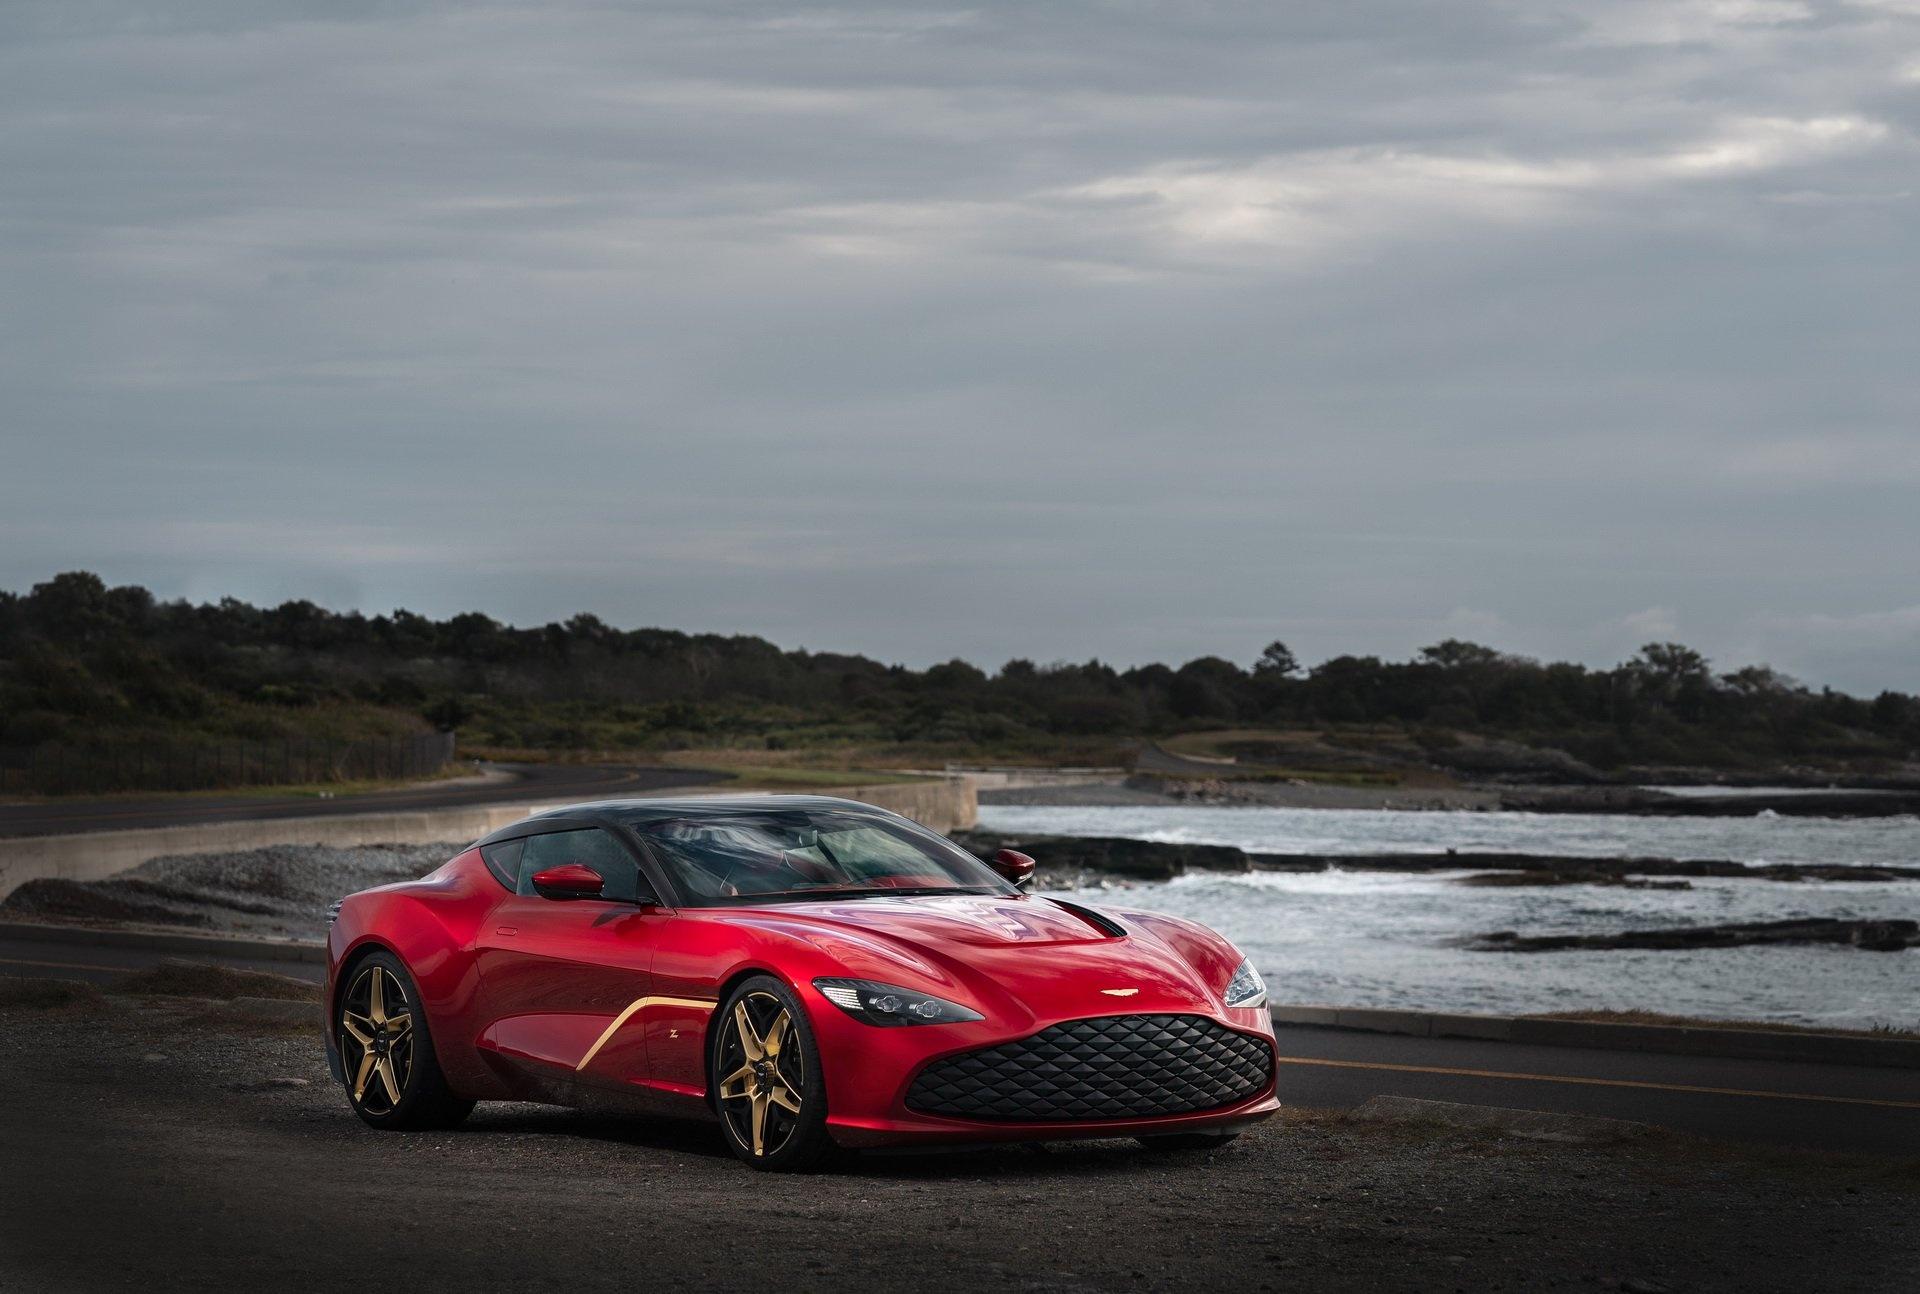 Aston Martin ra mat sieu xe dat vang gia trieu USD hinh anh 3